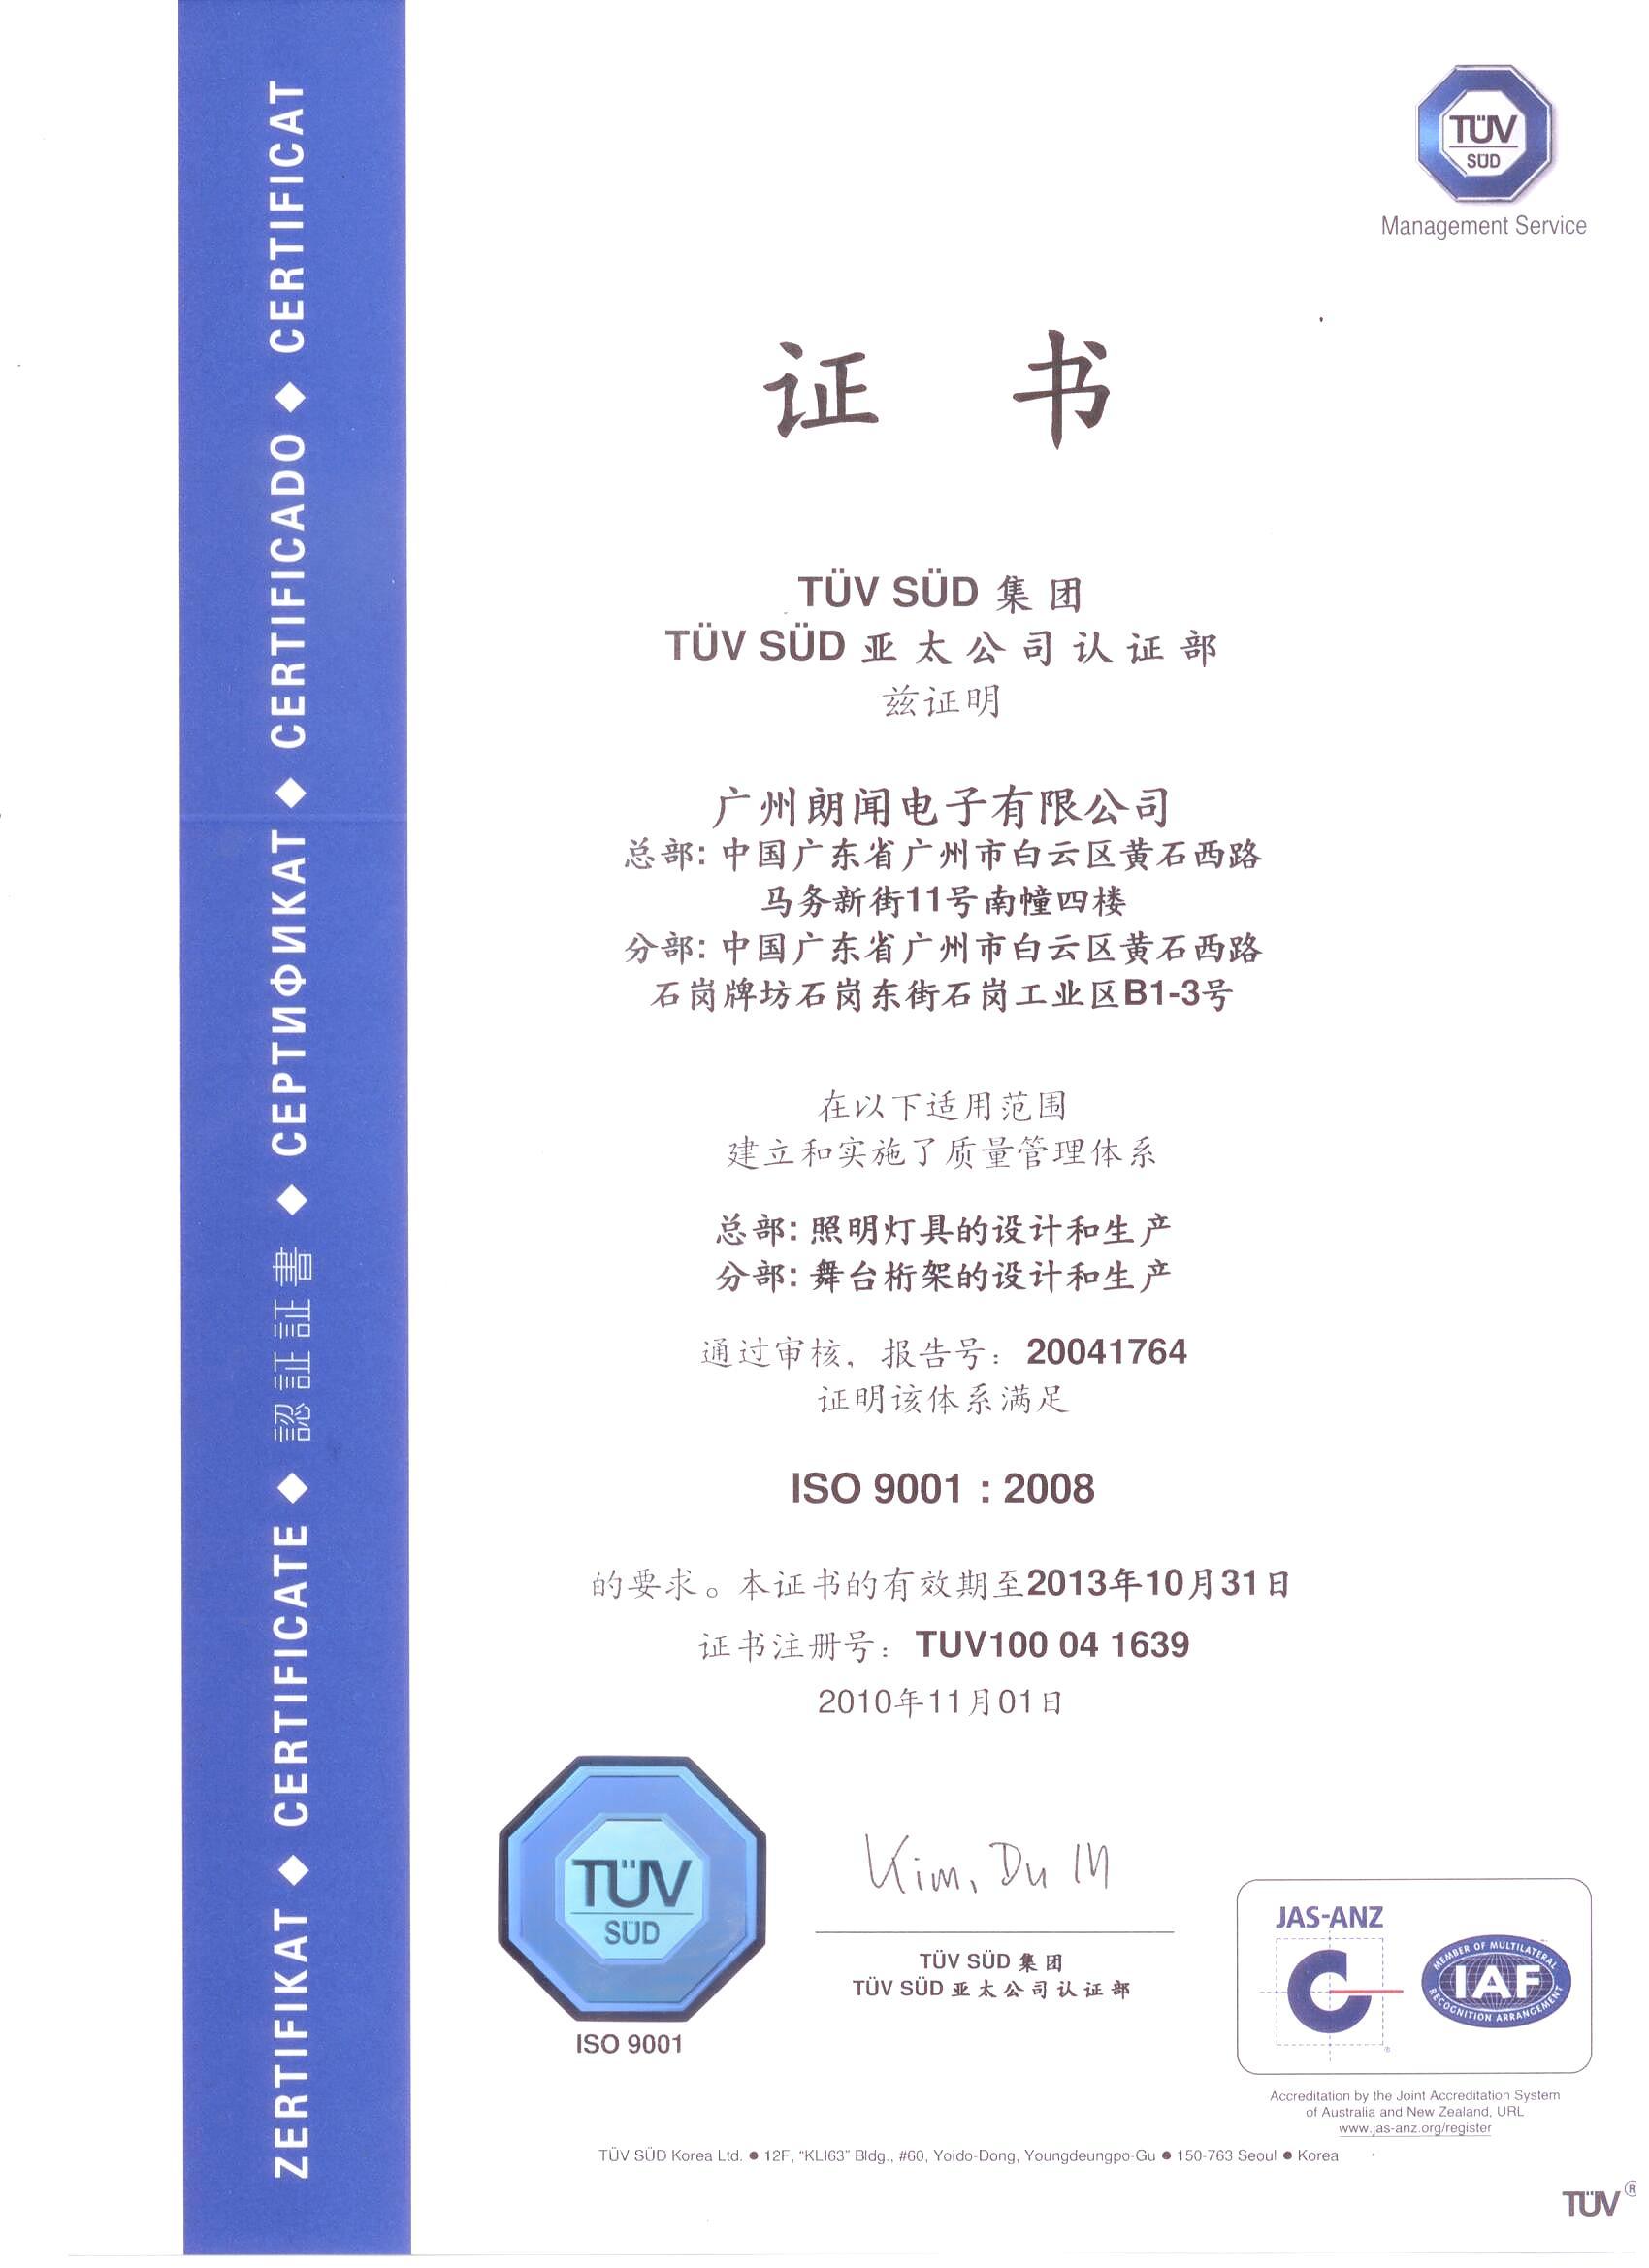 德国tuv莱茵认证公司证书样本-昆山iso认证